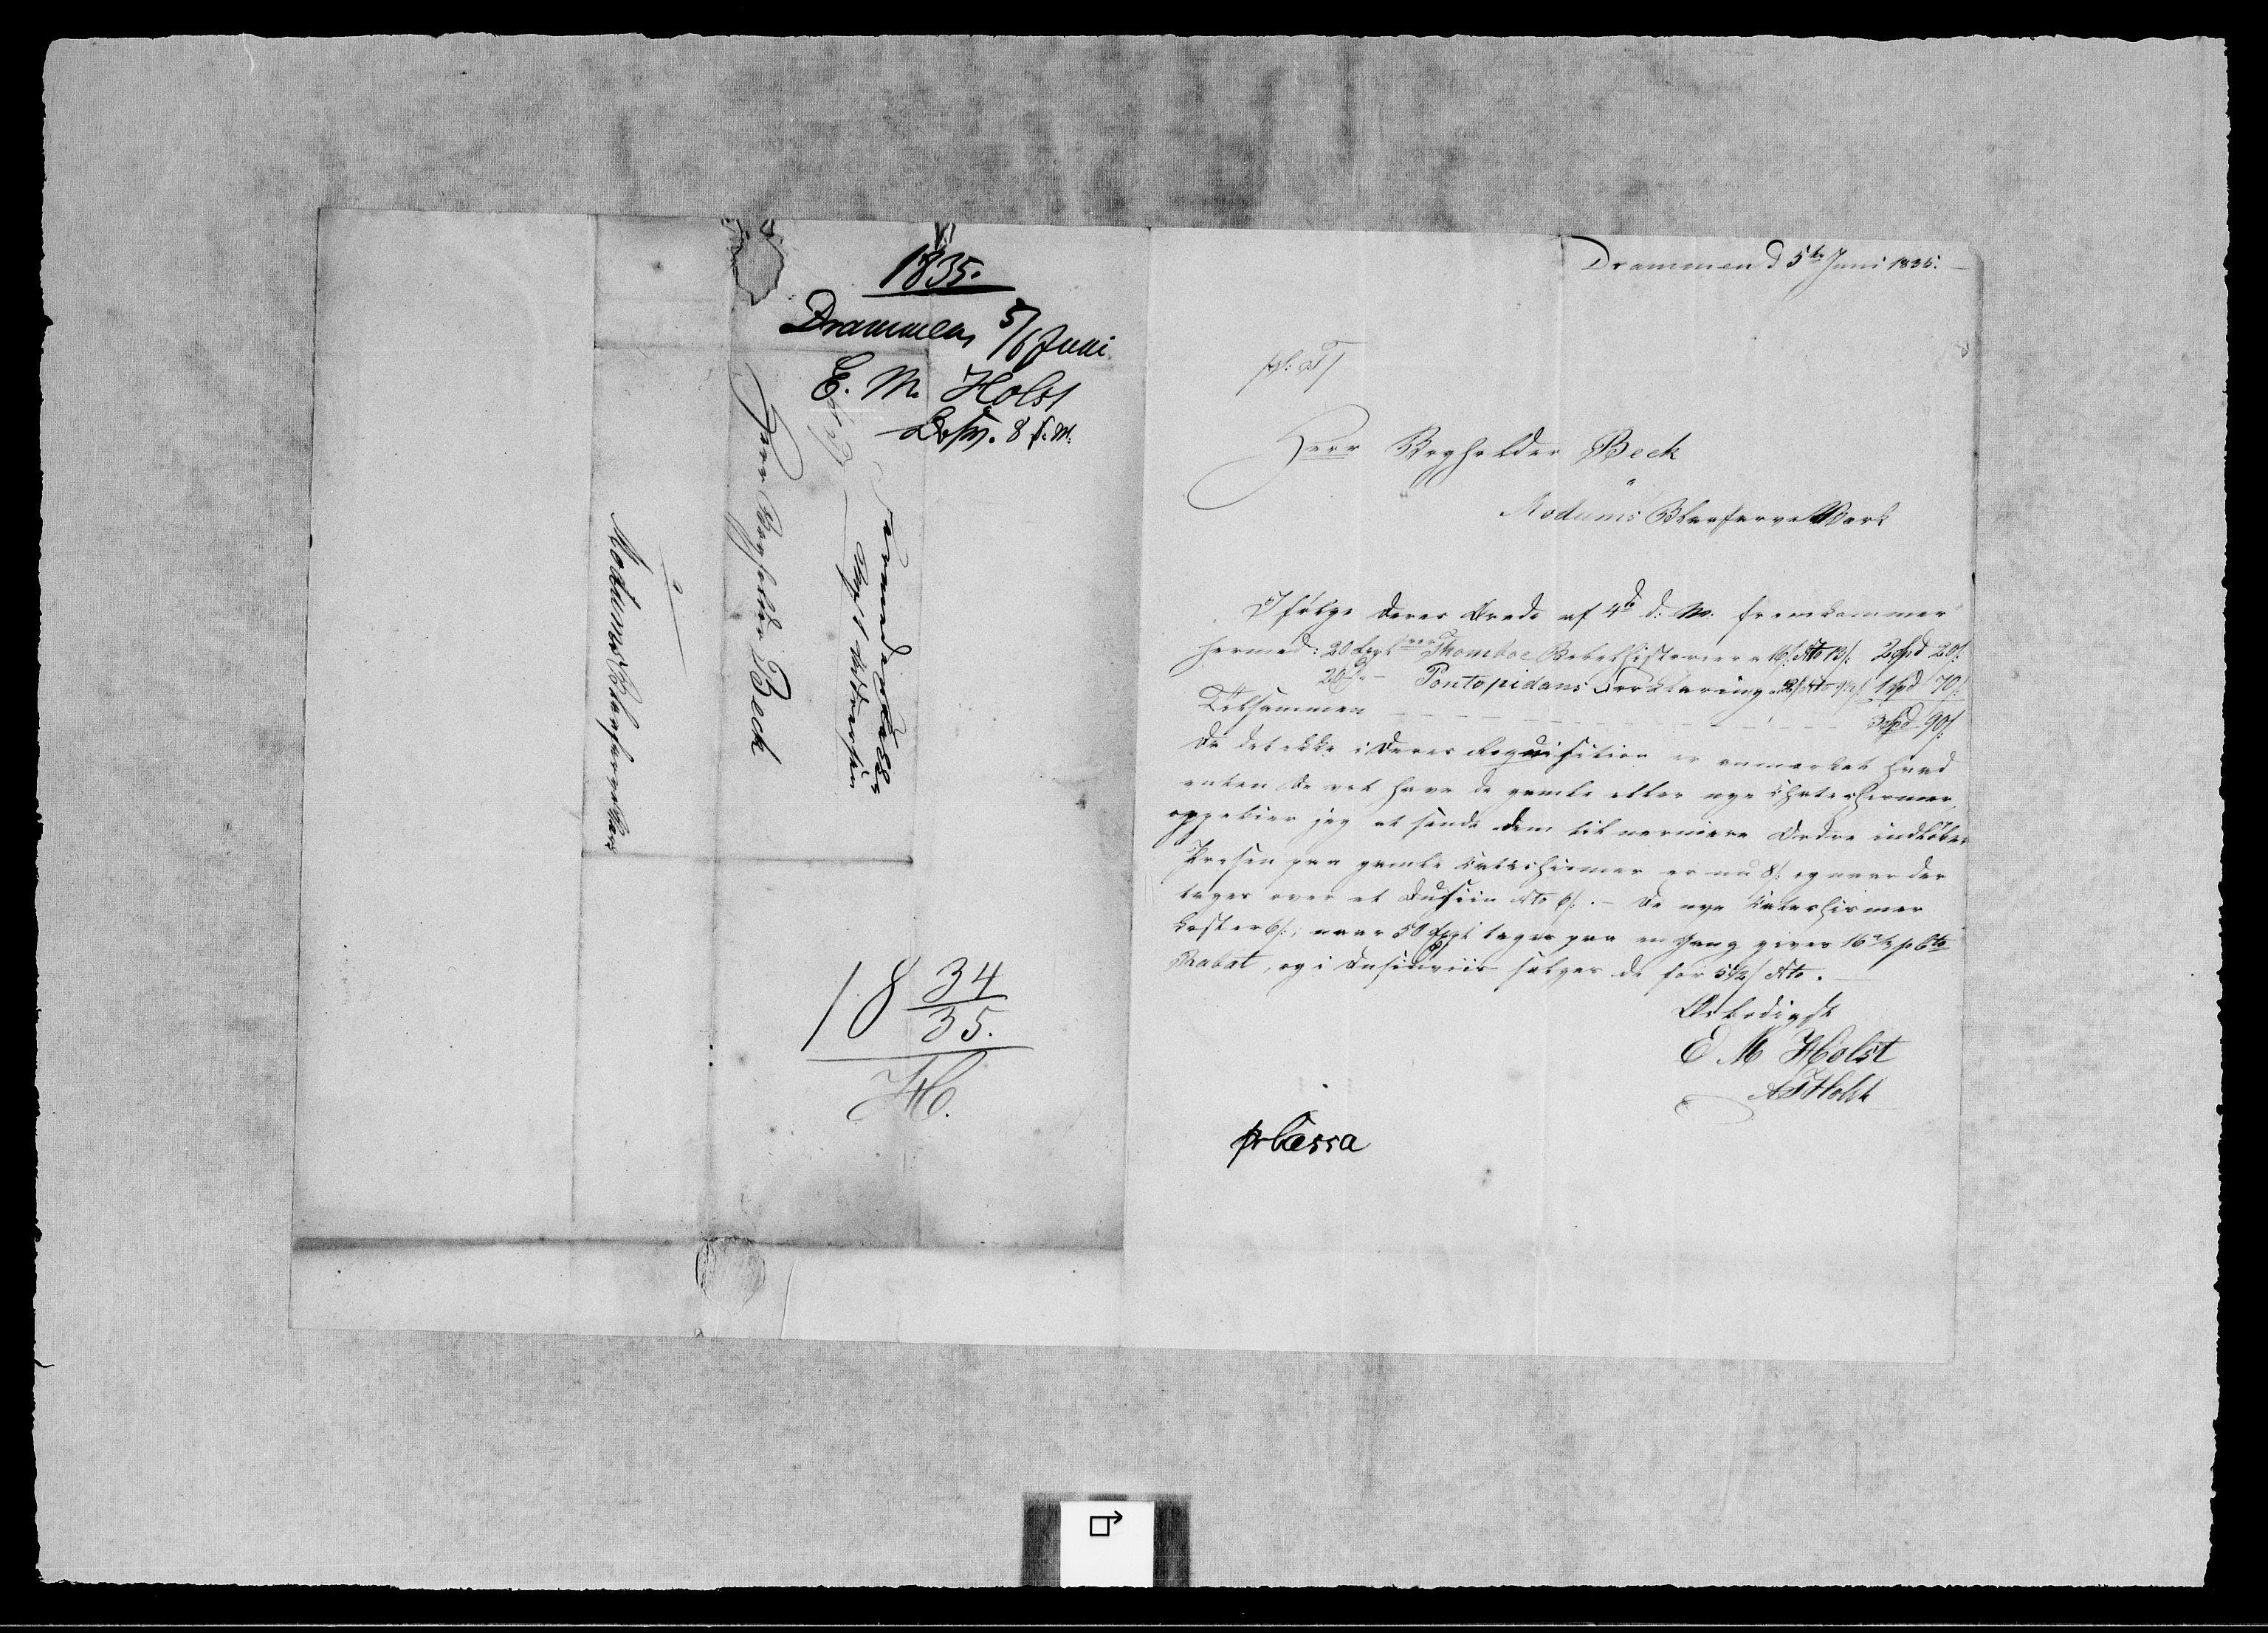 RA, Modums Blaafarveværk, G/Gb/L0114, 1834-1835, s. 2